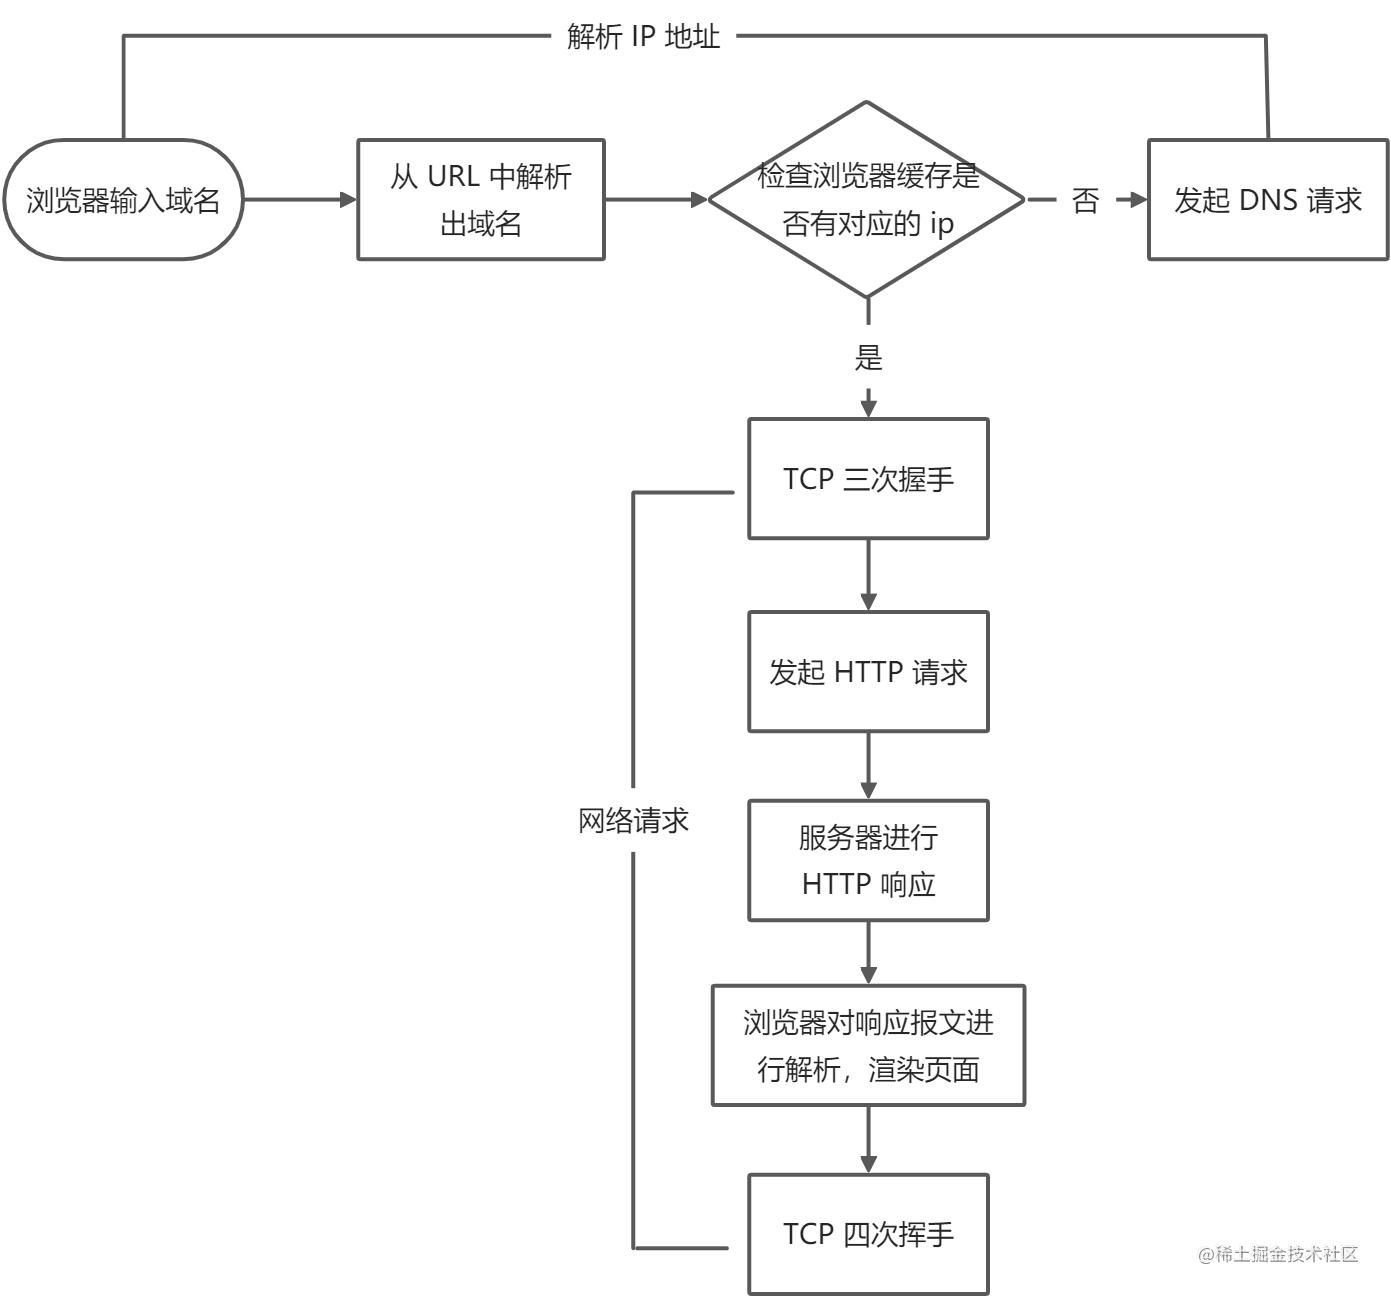 yuque_diagram (2).jpg